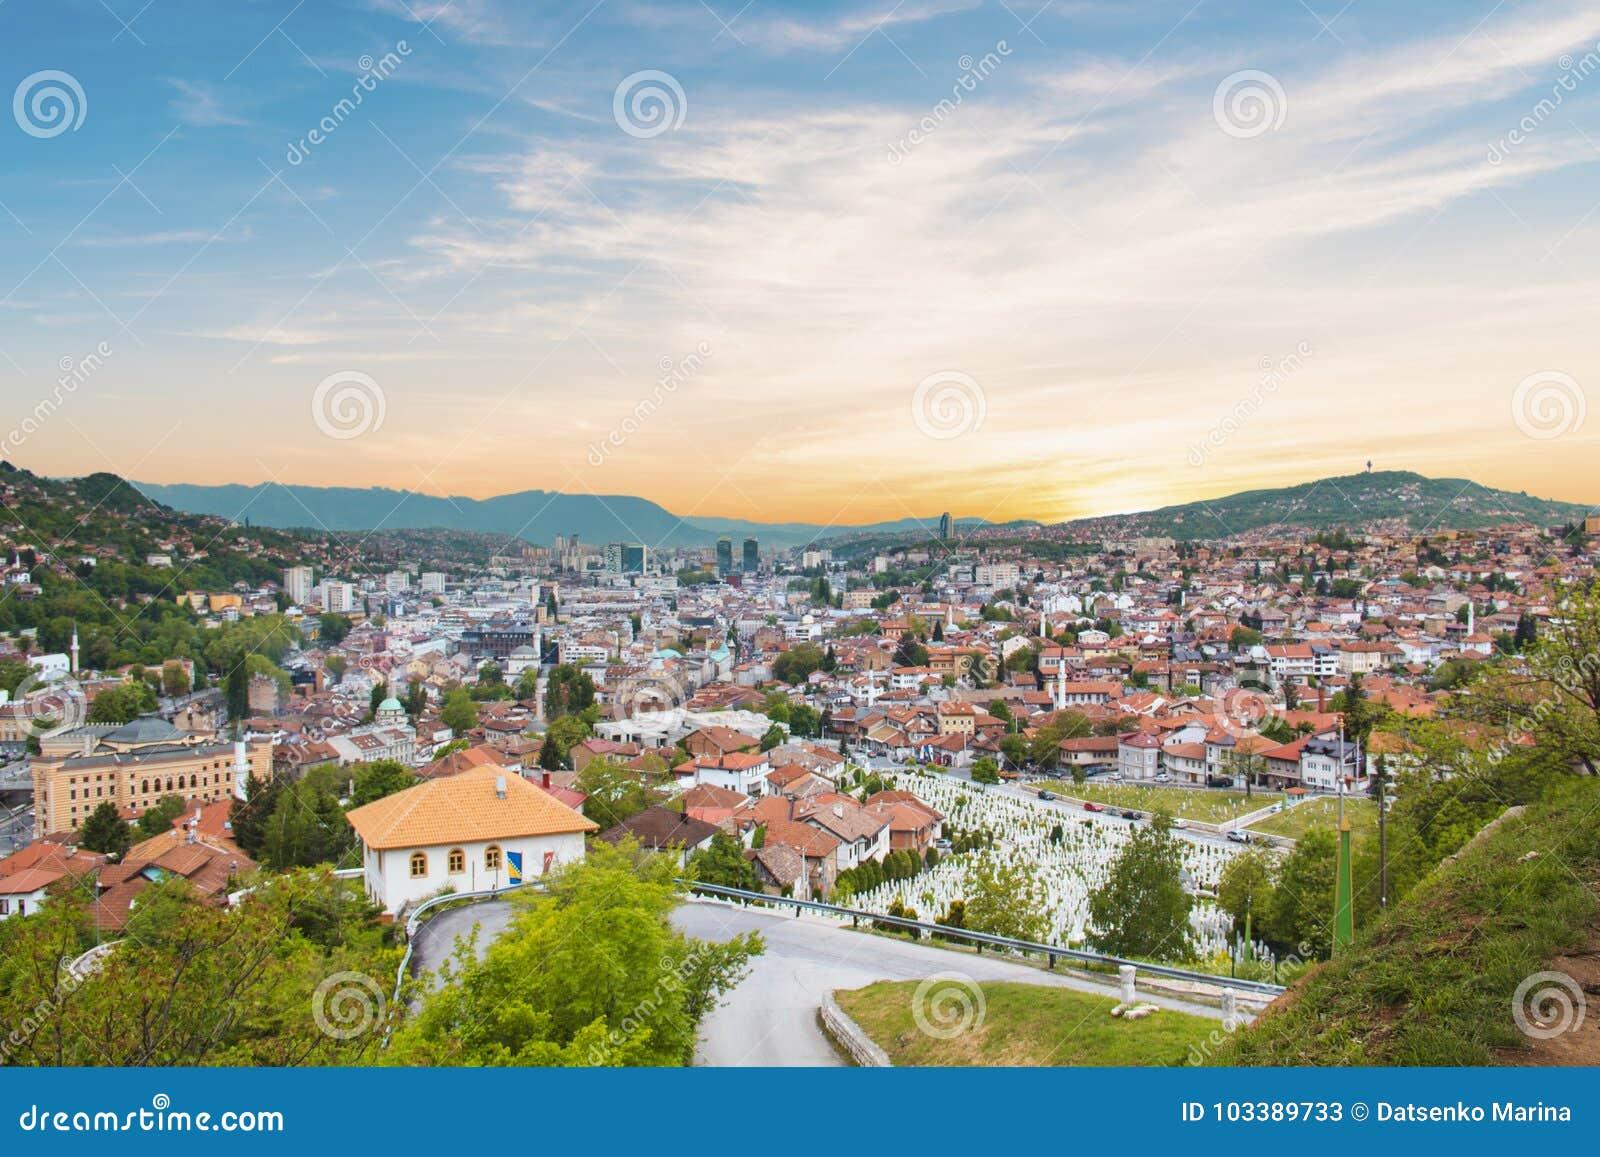 Hermosa vista de la ciudad de Sarajevo, Bosnia y Herzegovina